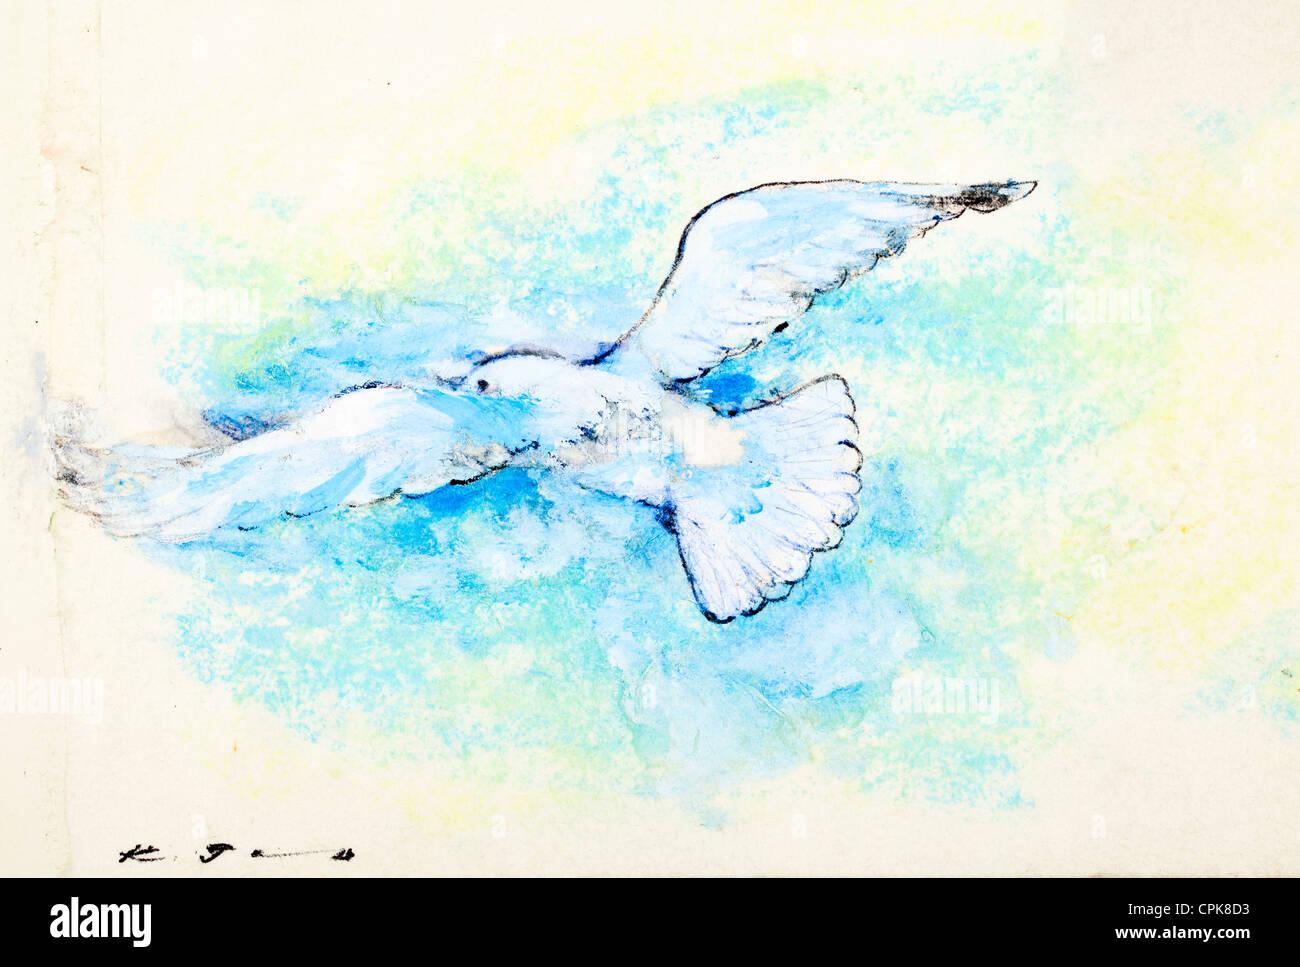 White Dove - craie pastel sur papier par Kurt Tessmann Photo Stock